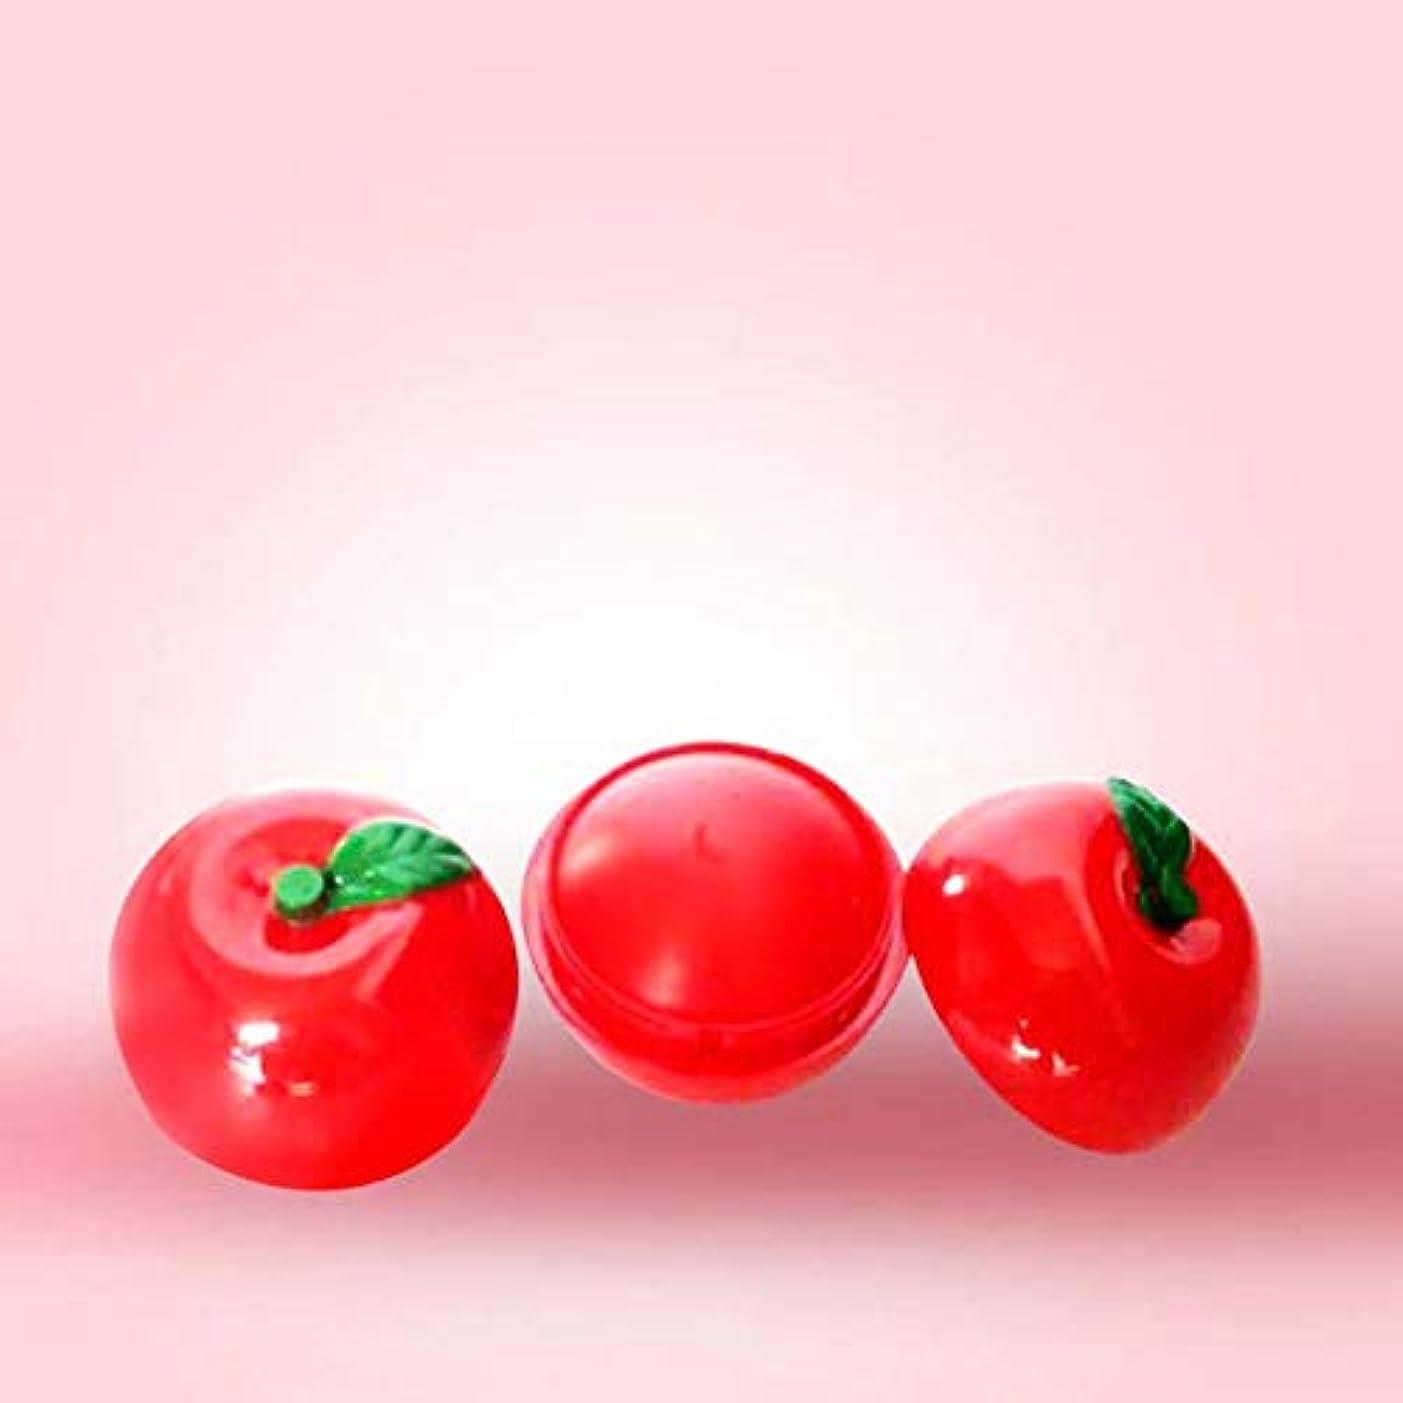 試みる交渉する気絶させるKISSION 保湿と持続するリップクリーム ベビーリップスキンケア かわいいリンゴの球形の口紅 栄養と保湿 修理水リップスティック